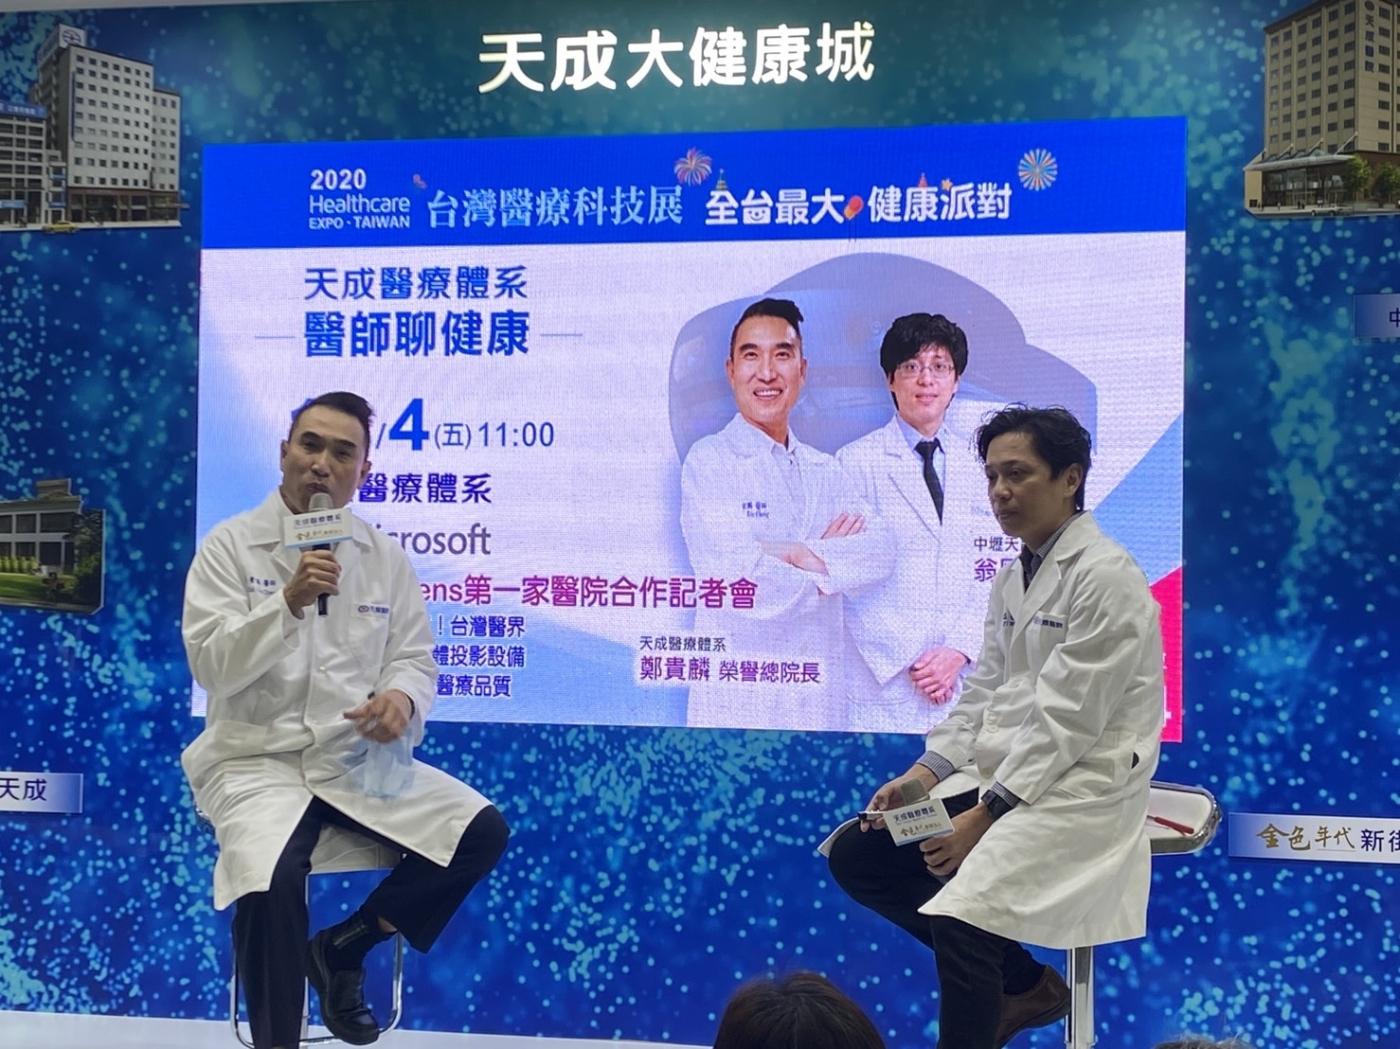 天成醫療首度導入微軟HoloLens2,突破遠距醫療障礙、真的能「隔空抓藥」?